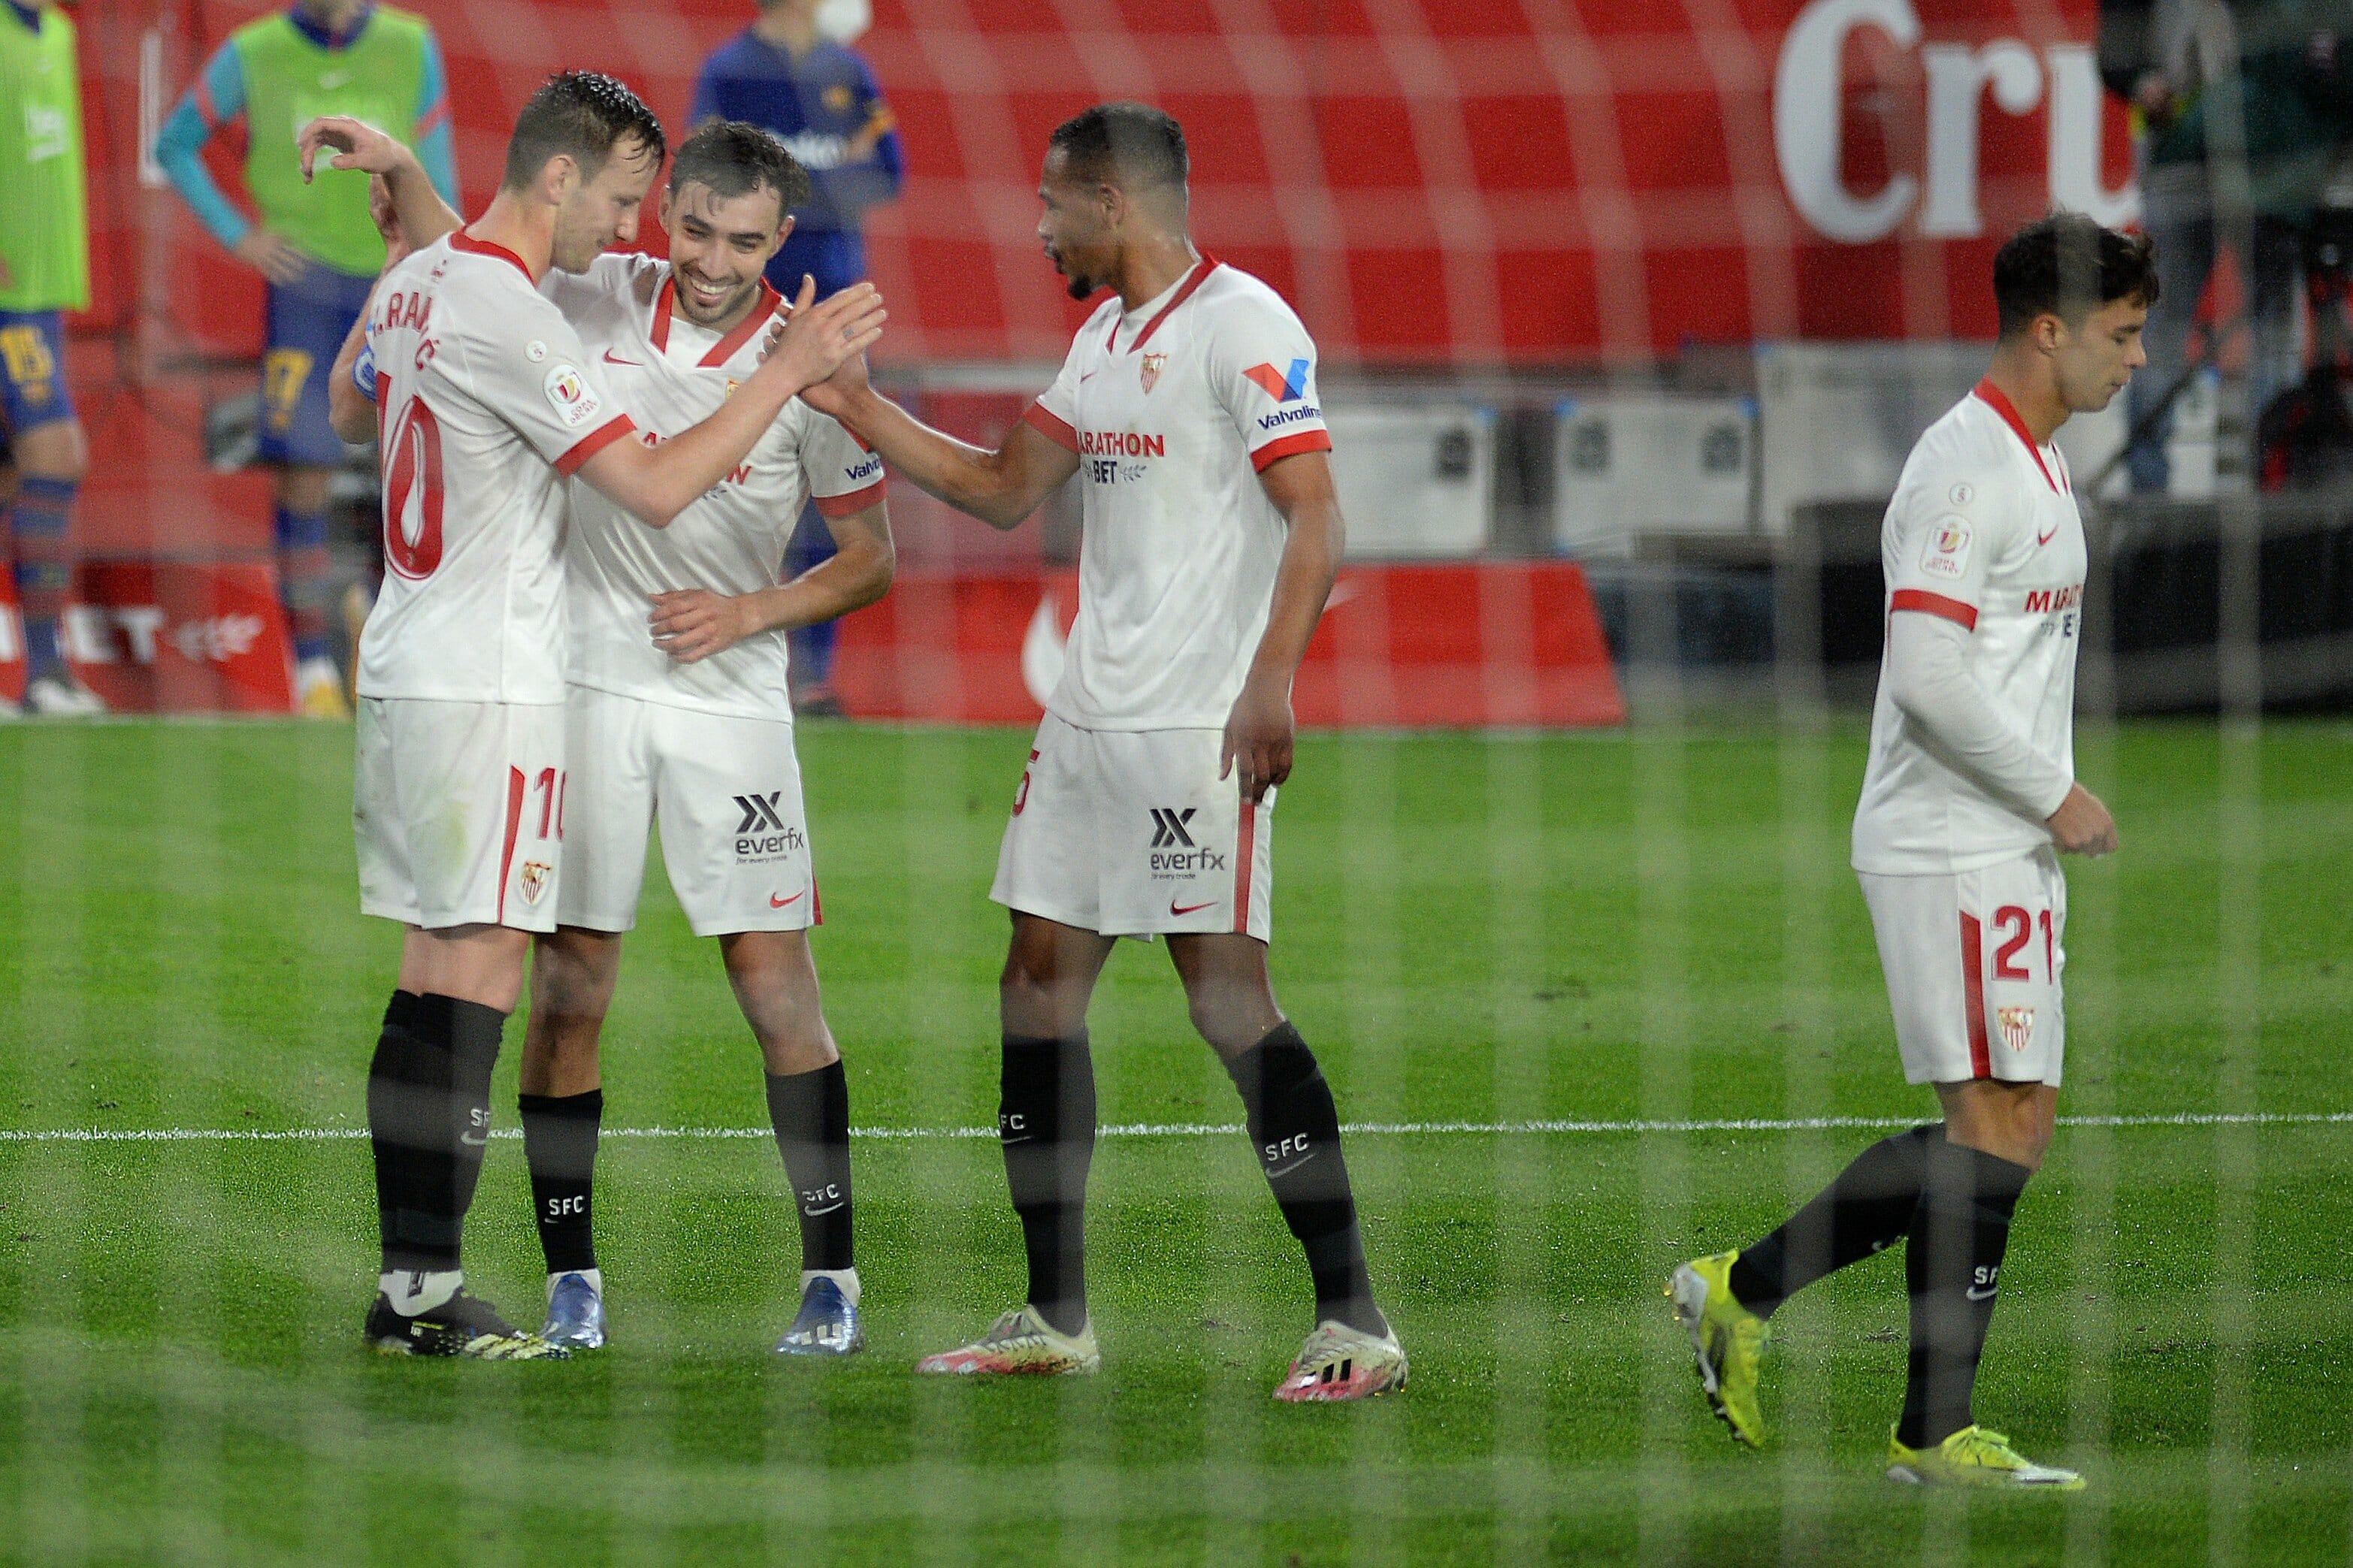 اشبيلية يضع قدماً في نهائي كأس ملك إسبانيا